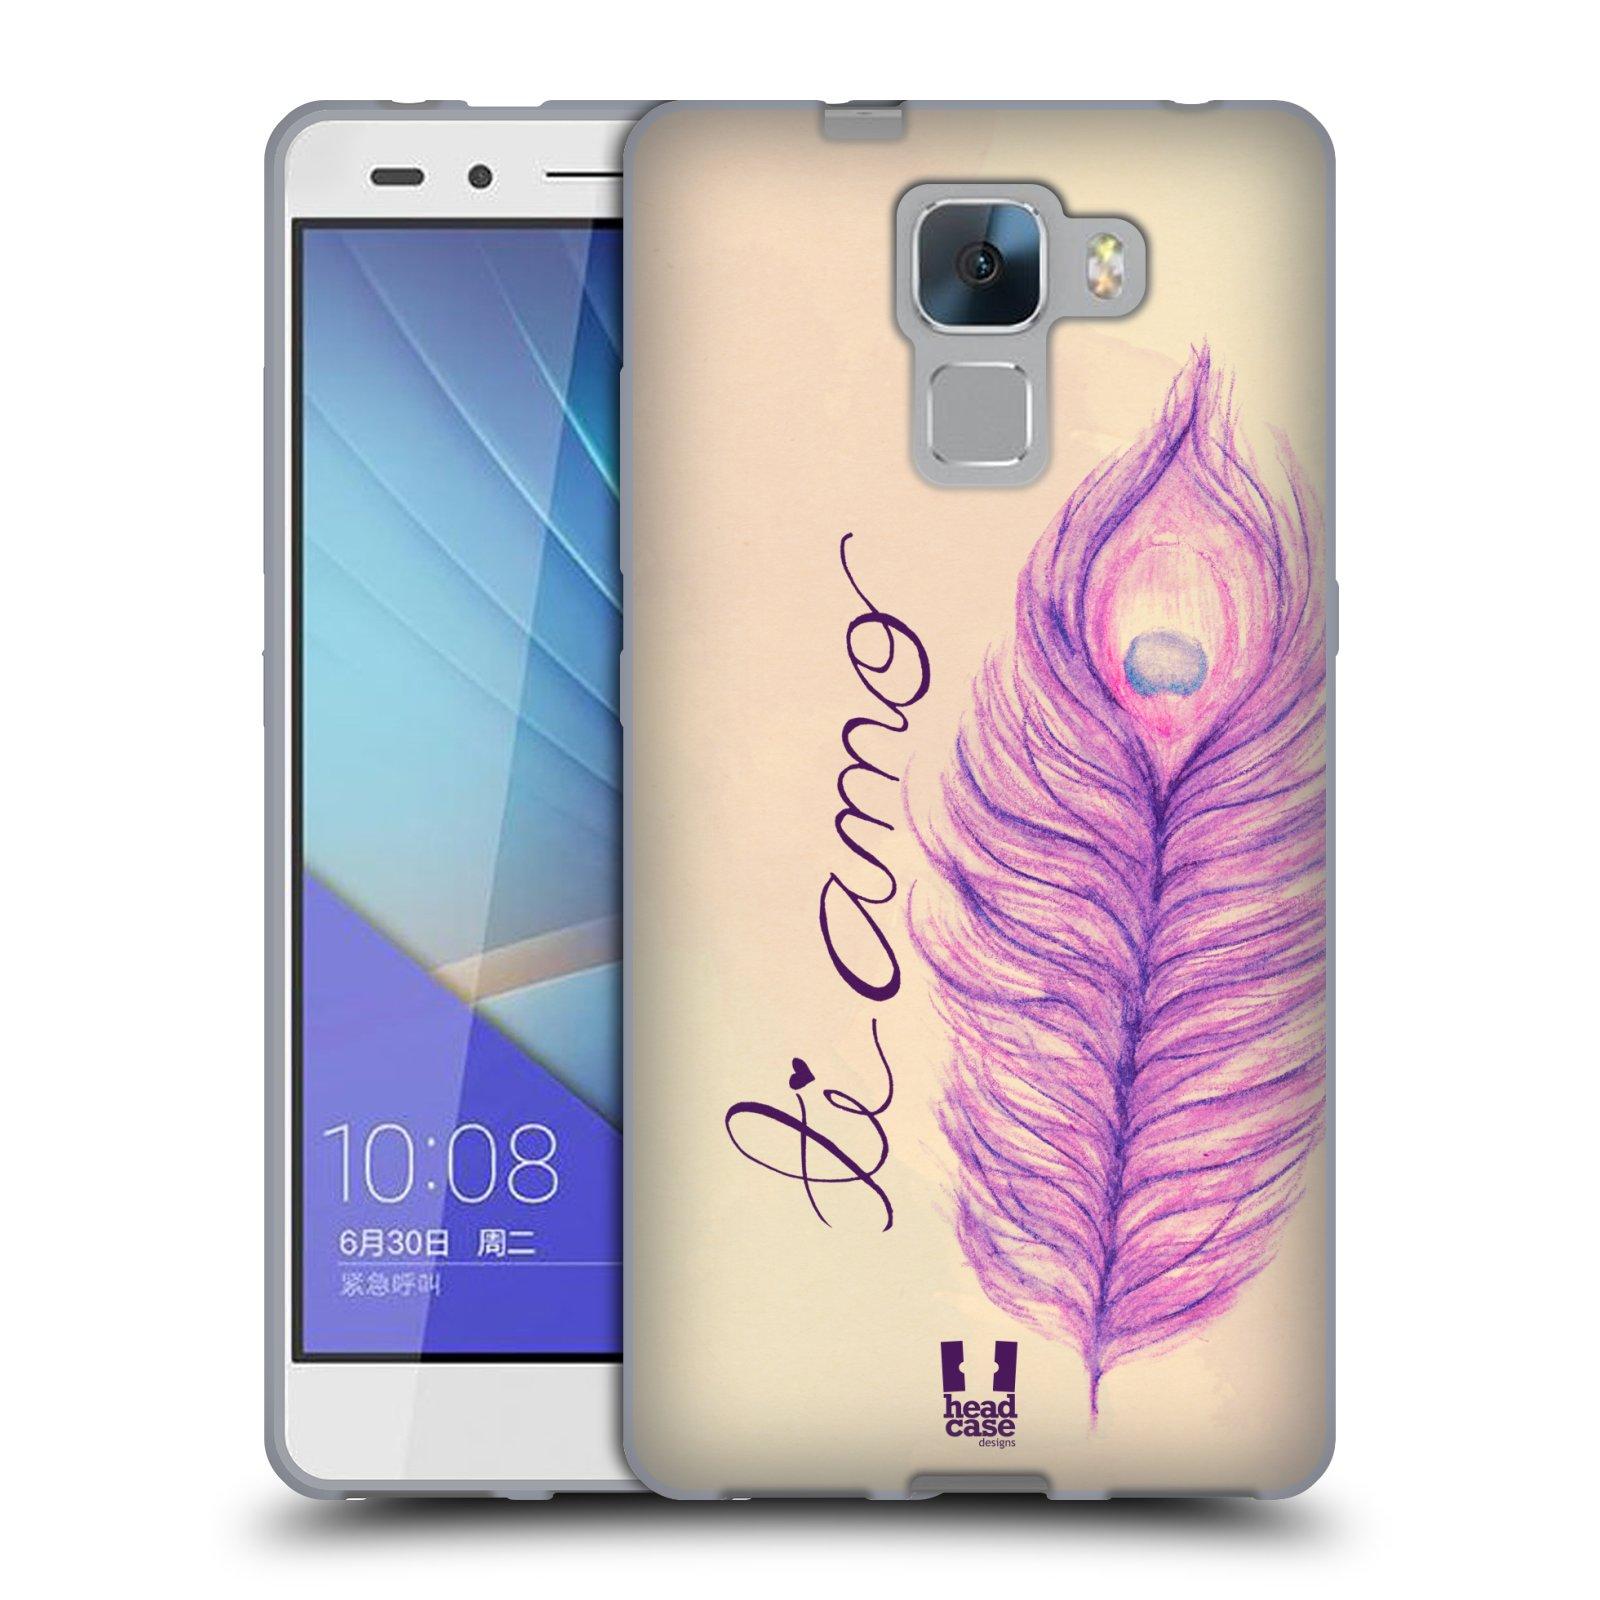 HEAD CASE silikonový obal na mobil HUAWEI HONOR 7 vzor Paví pírka barevná FIALOVÁ TI AMO